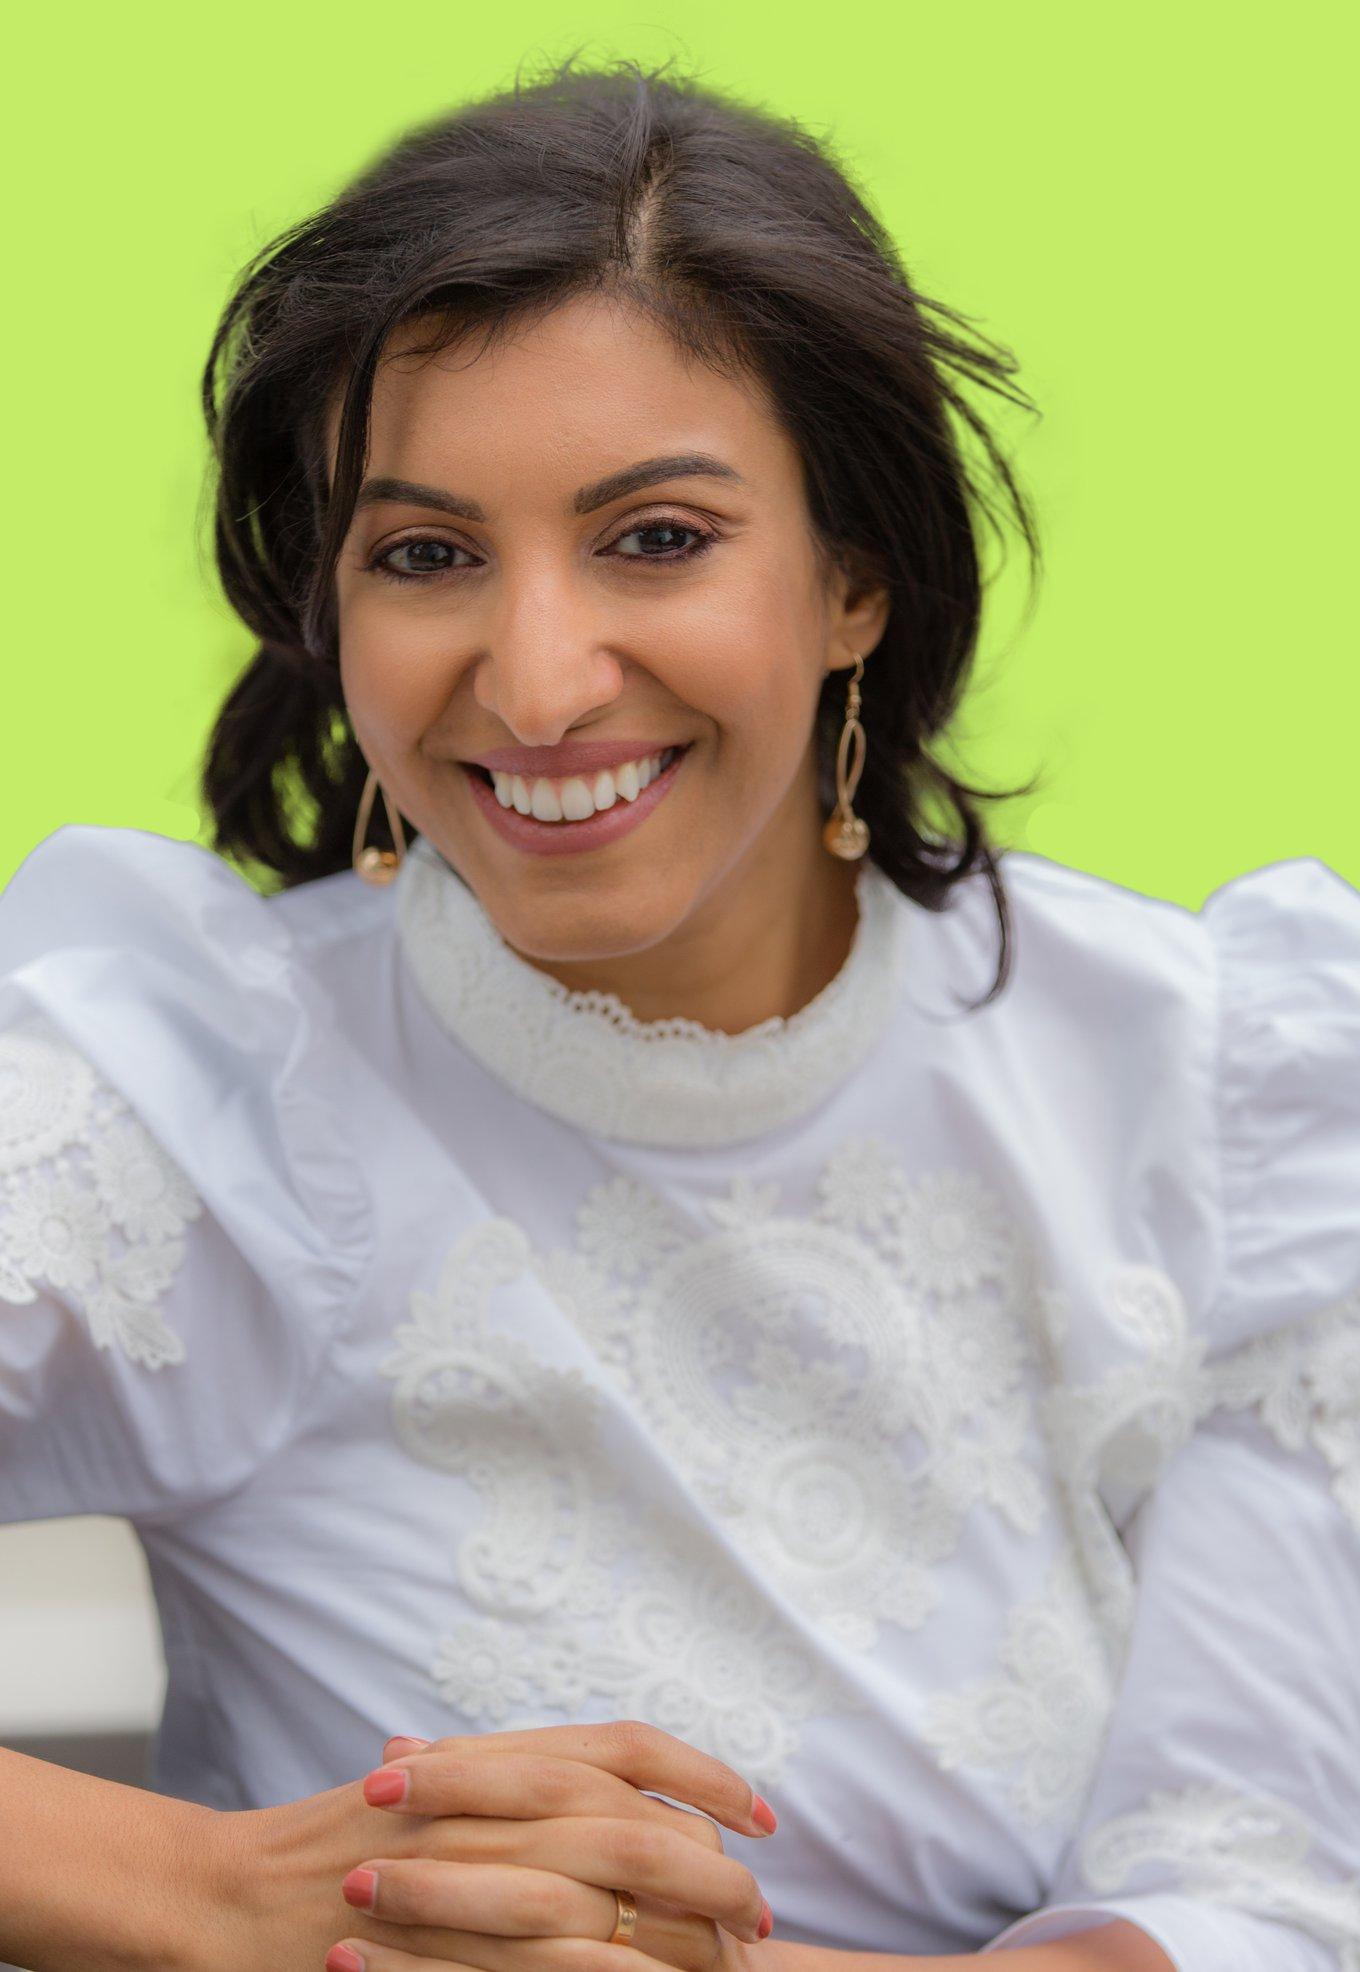 Photo of Shaikha Alothman